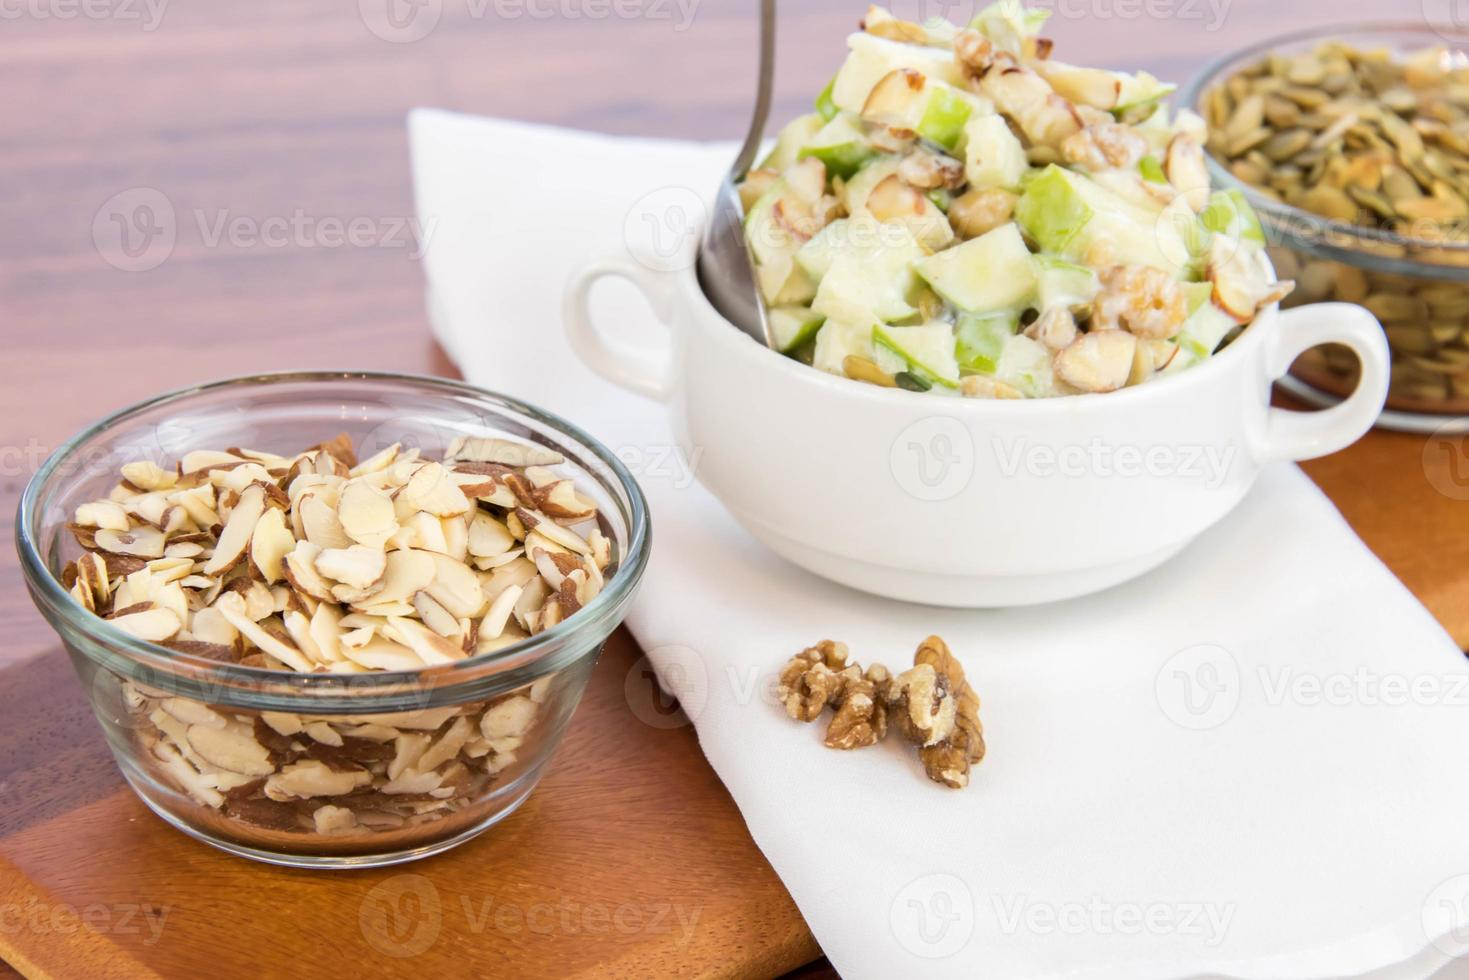 salada de maçã com amêndoas, nozes e sementes de abóbora foto